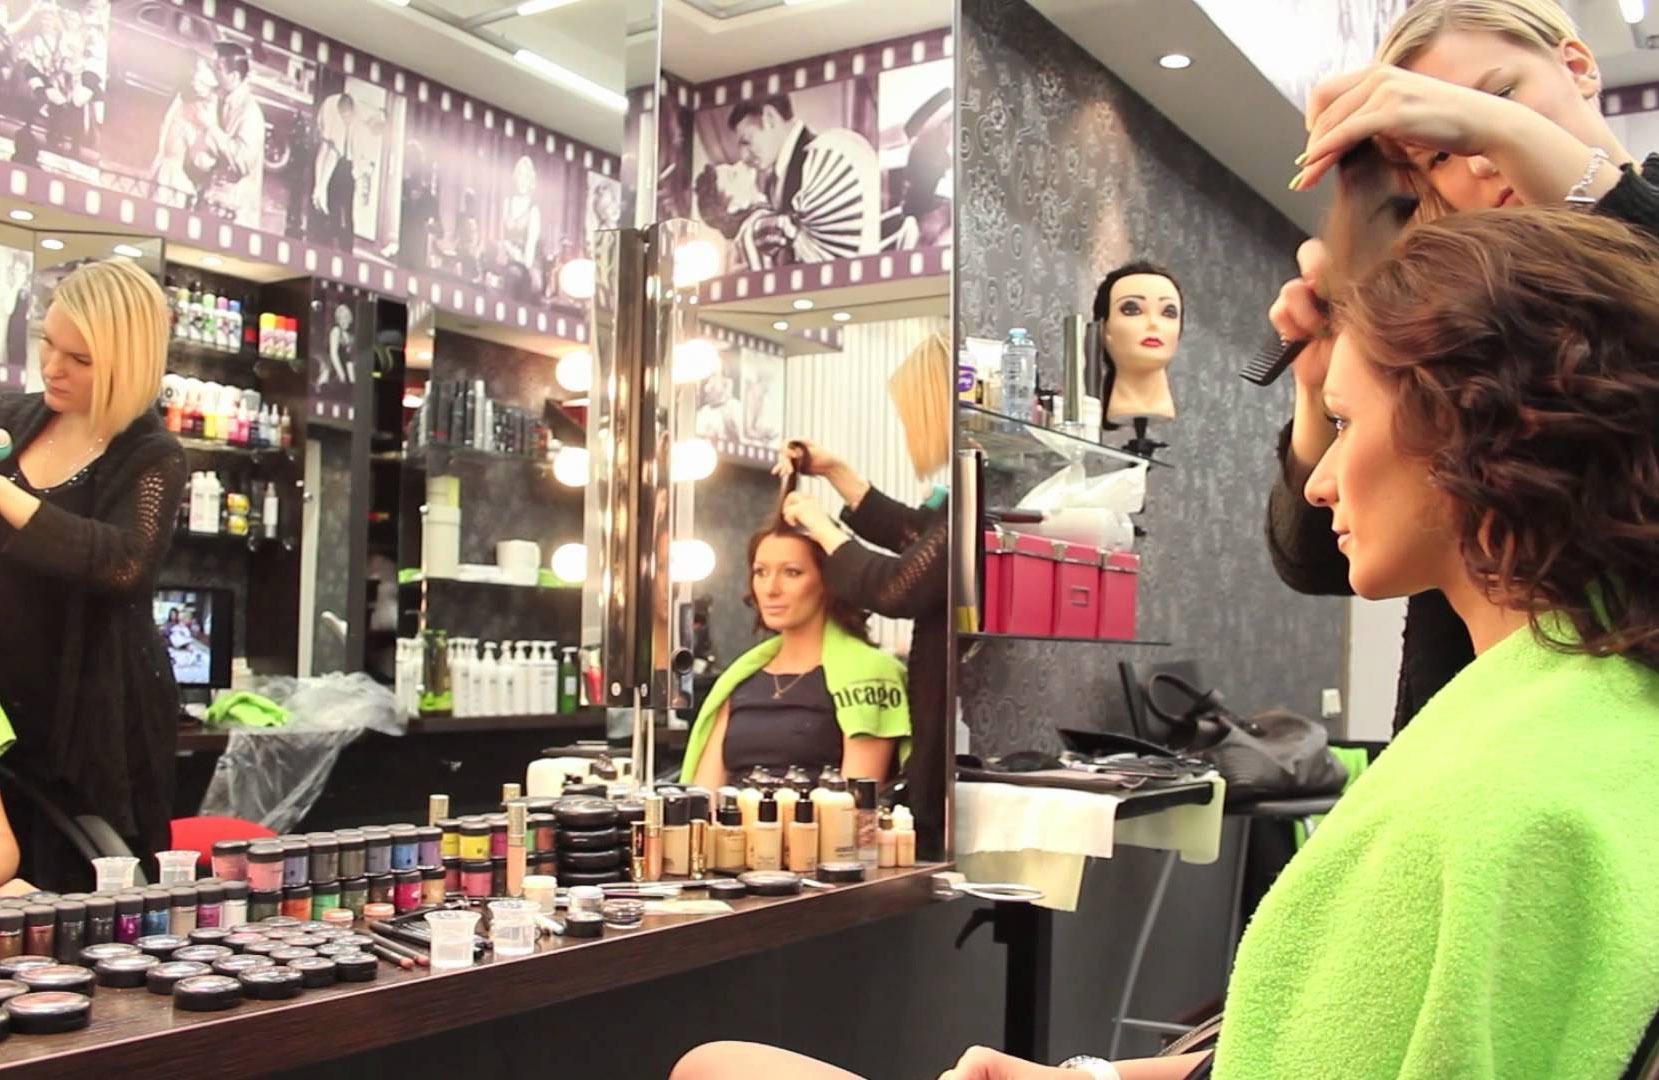 Санитарные нормы для парикмахерских